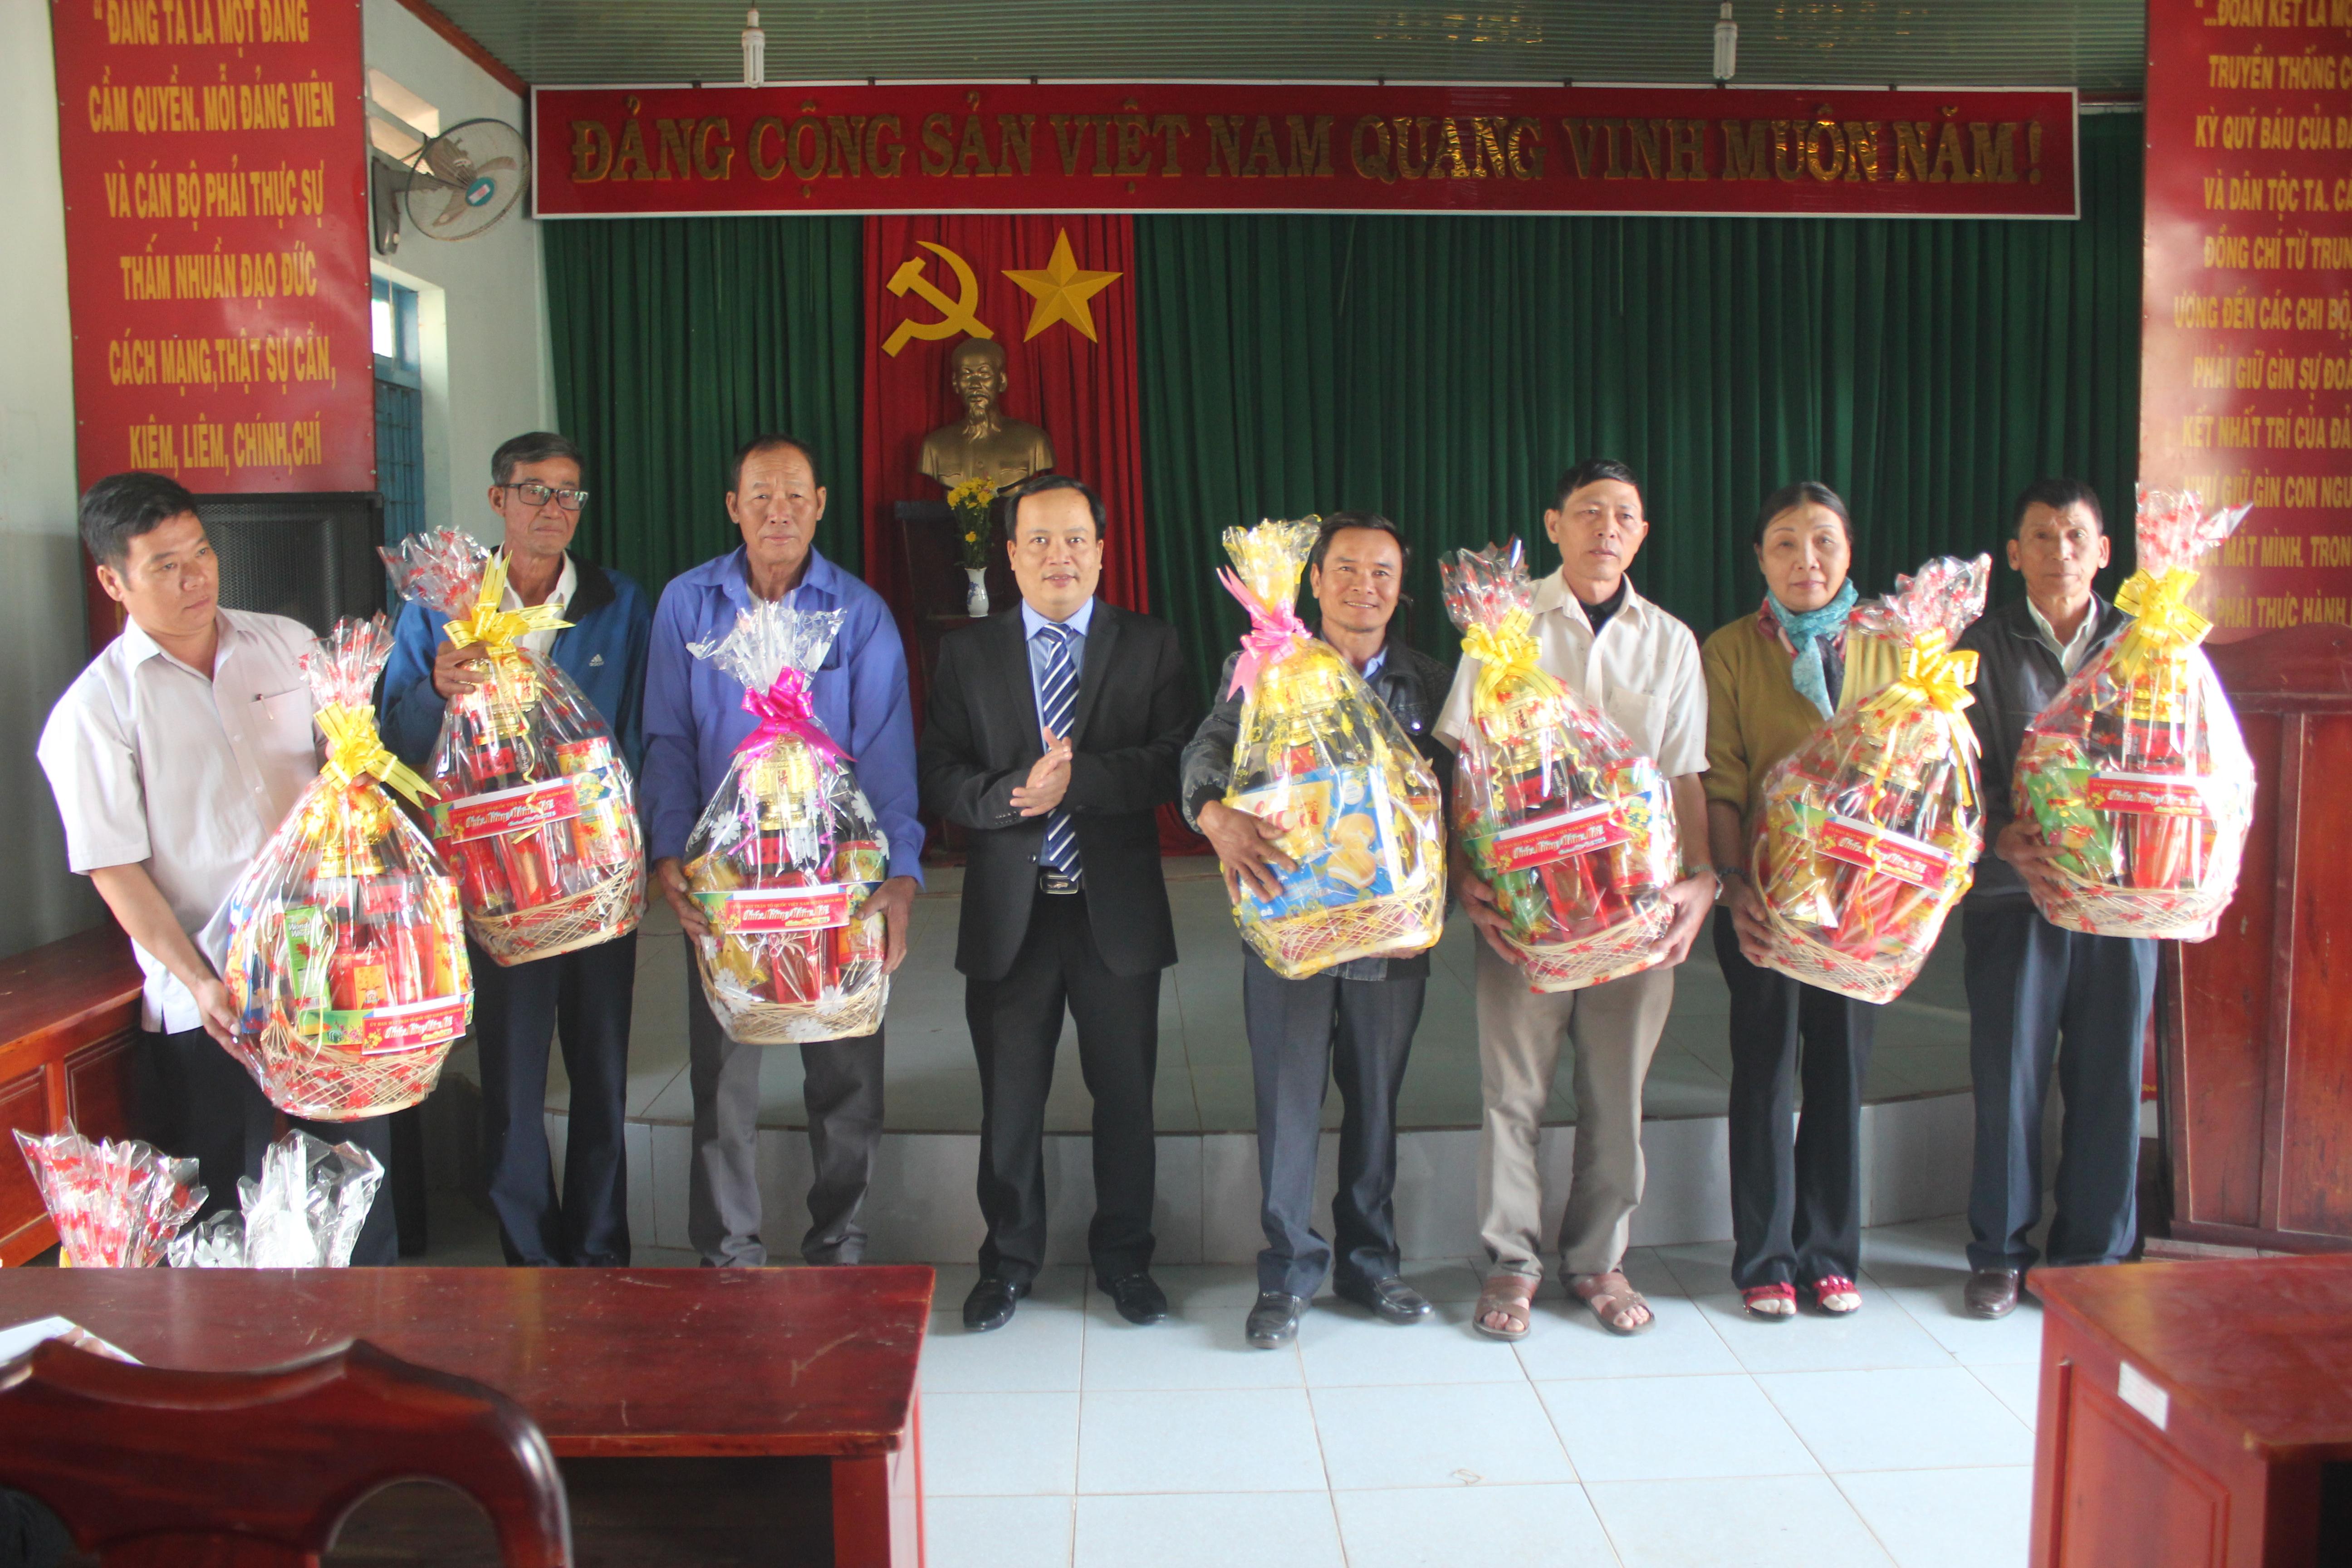 Lãnh đạo Ủy ban MTTQVN huyện Buôn Đôn thăm và tặng quà cho người có uy tín nhân dịp Tết Nguyên đán Mậu Tuất 2018